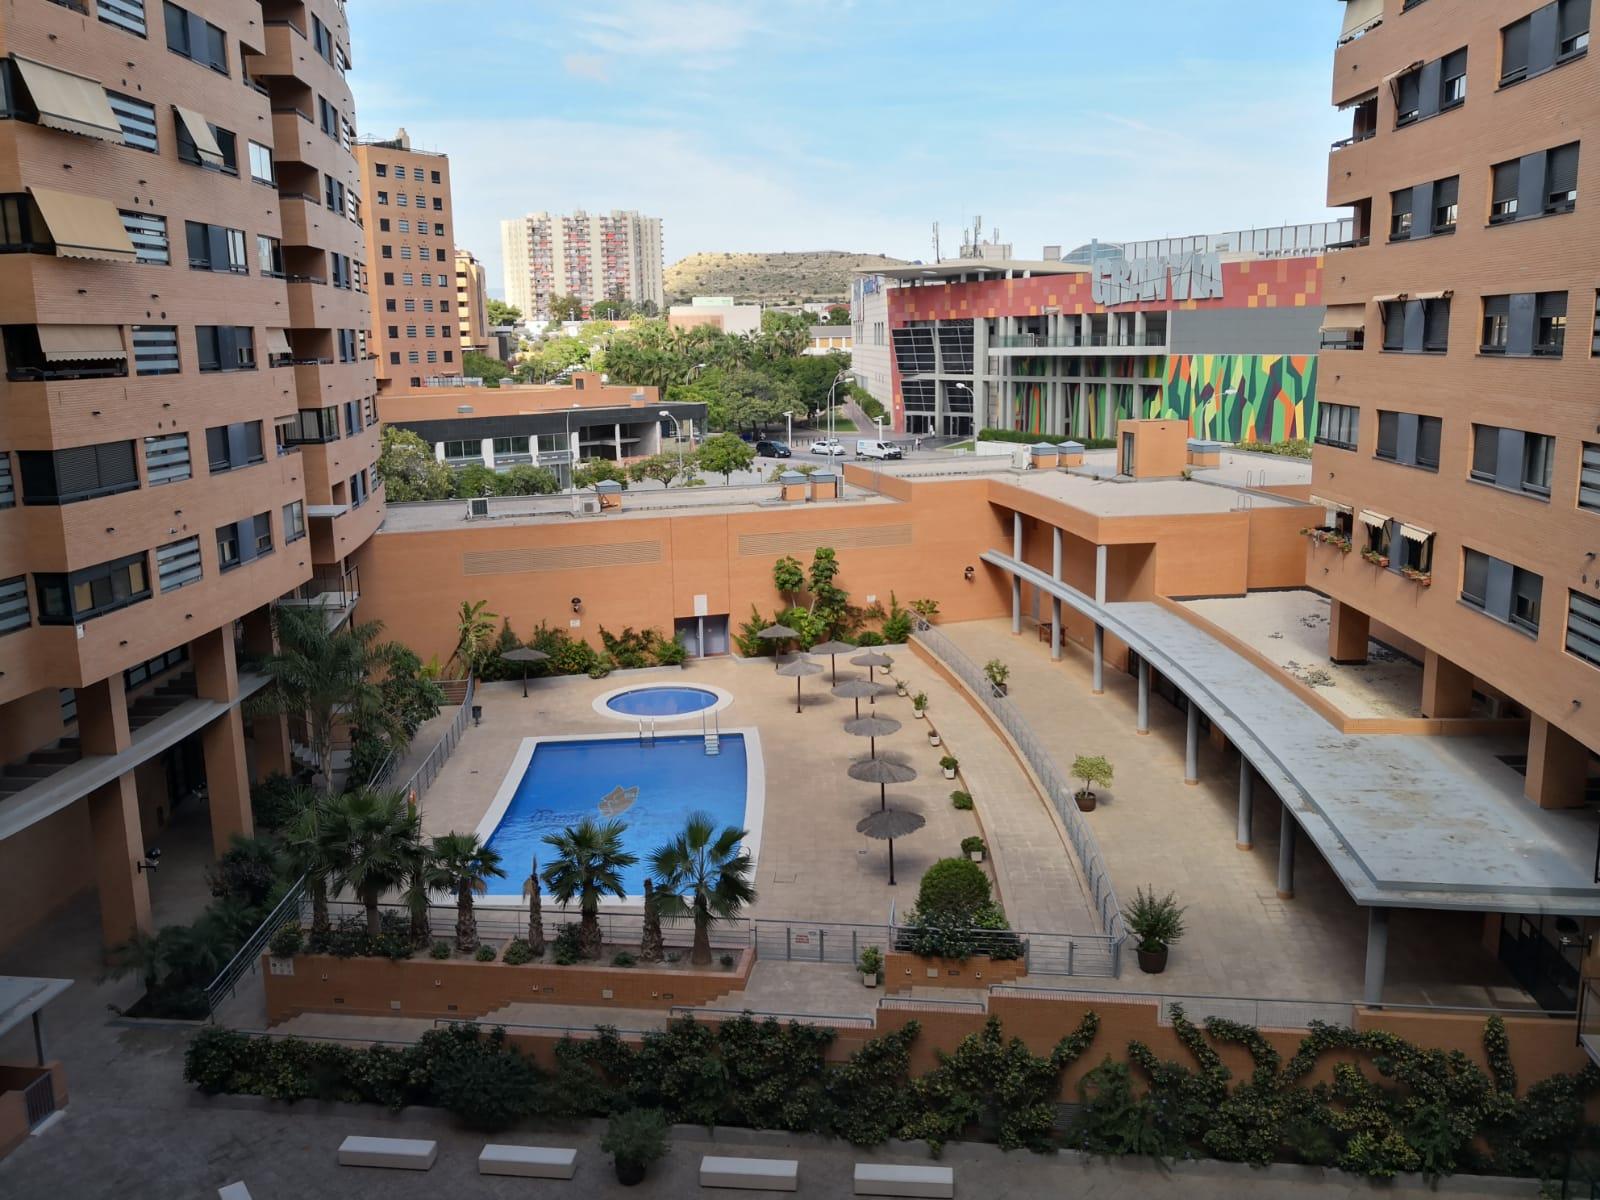 Piso – 3 dormitorios – Alicante – Parque Avenidas